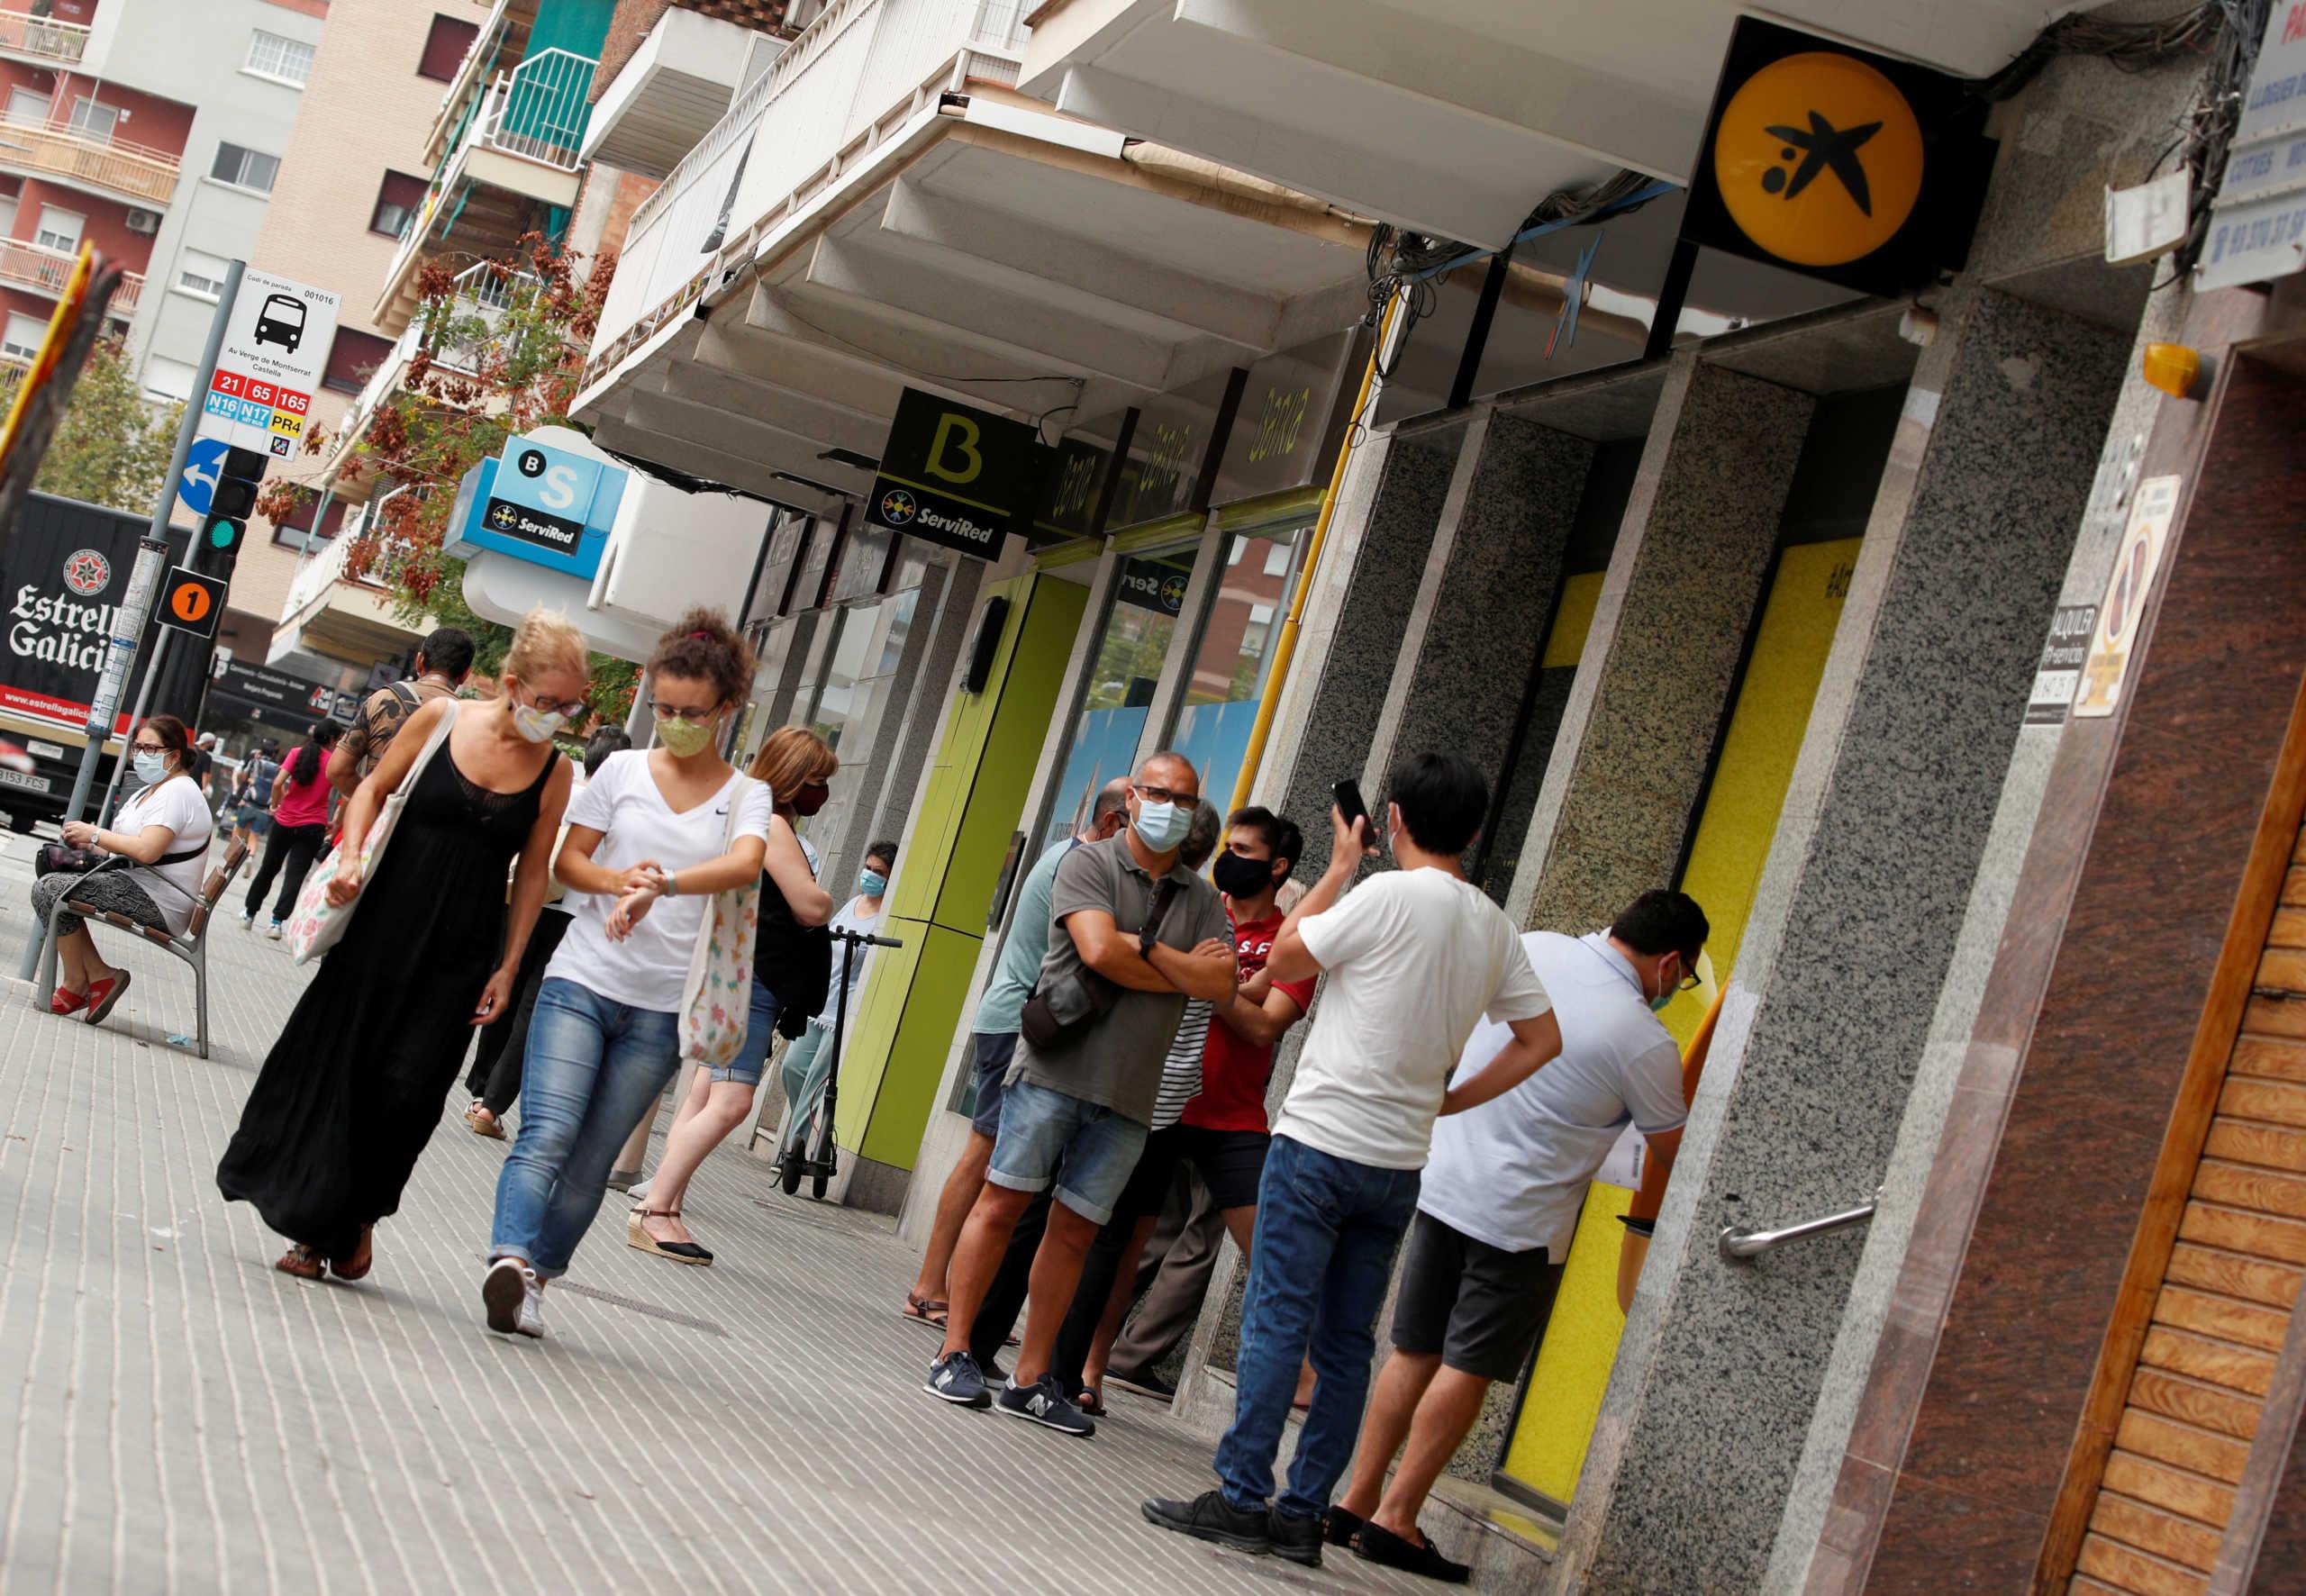 Ισπανία: Αύξηση των επενδύσεων κατά 27 δισεκ. ευρώ το 2021 – 800.000 νέες θέσεις εργασίας